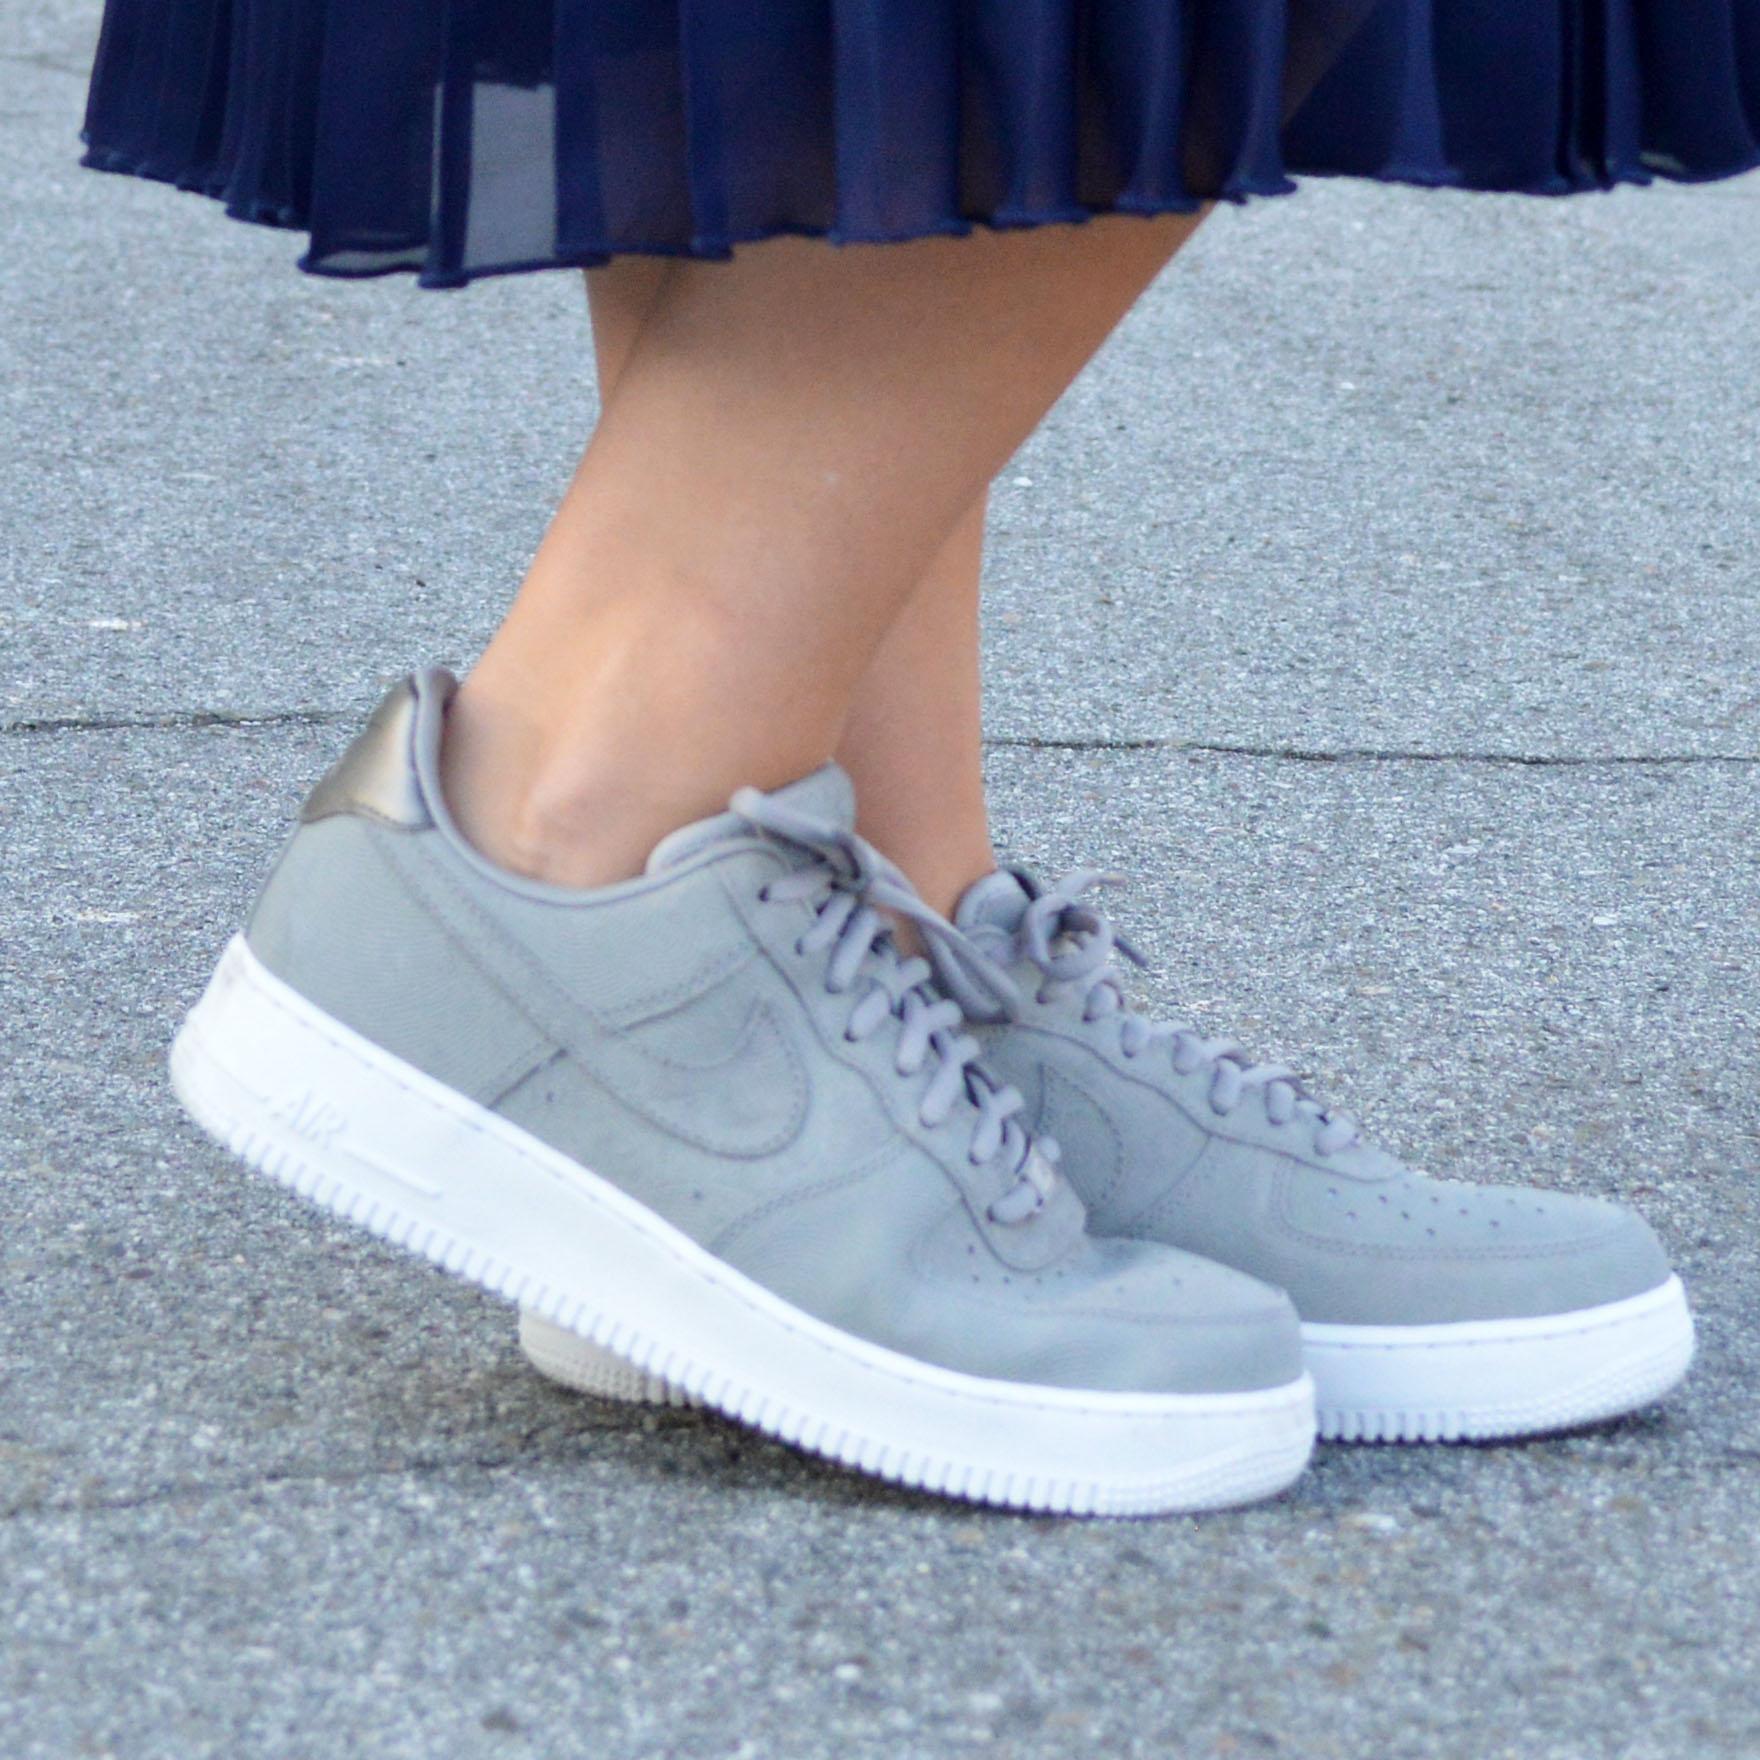 nike street sneakers